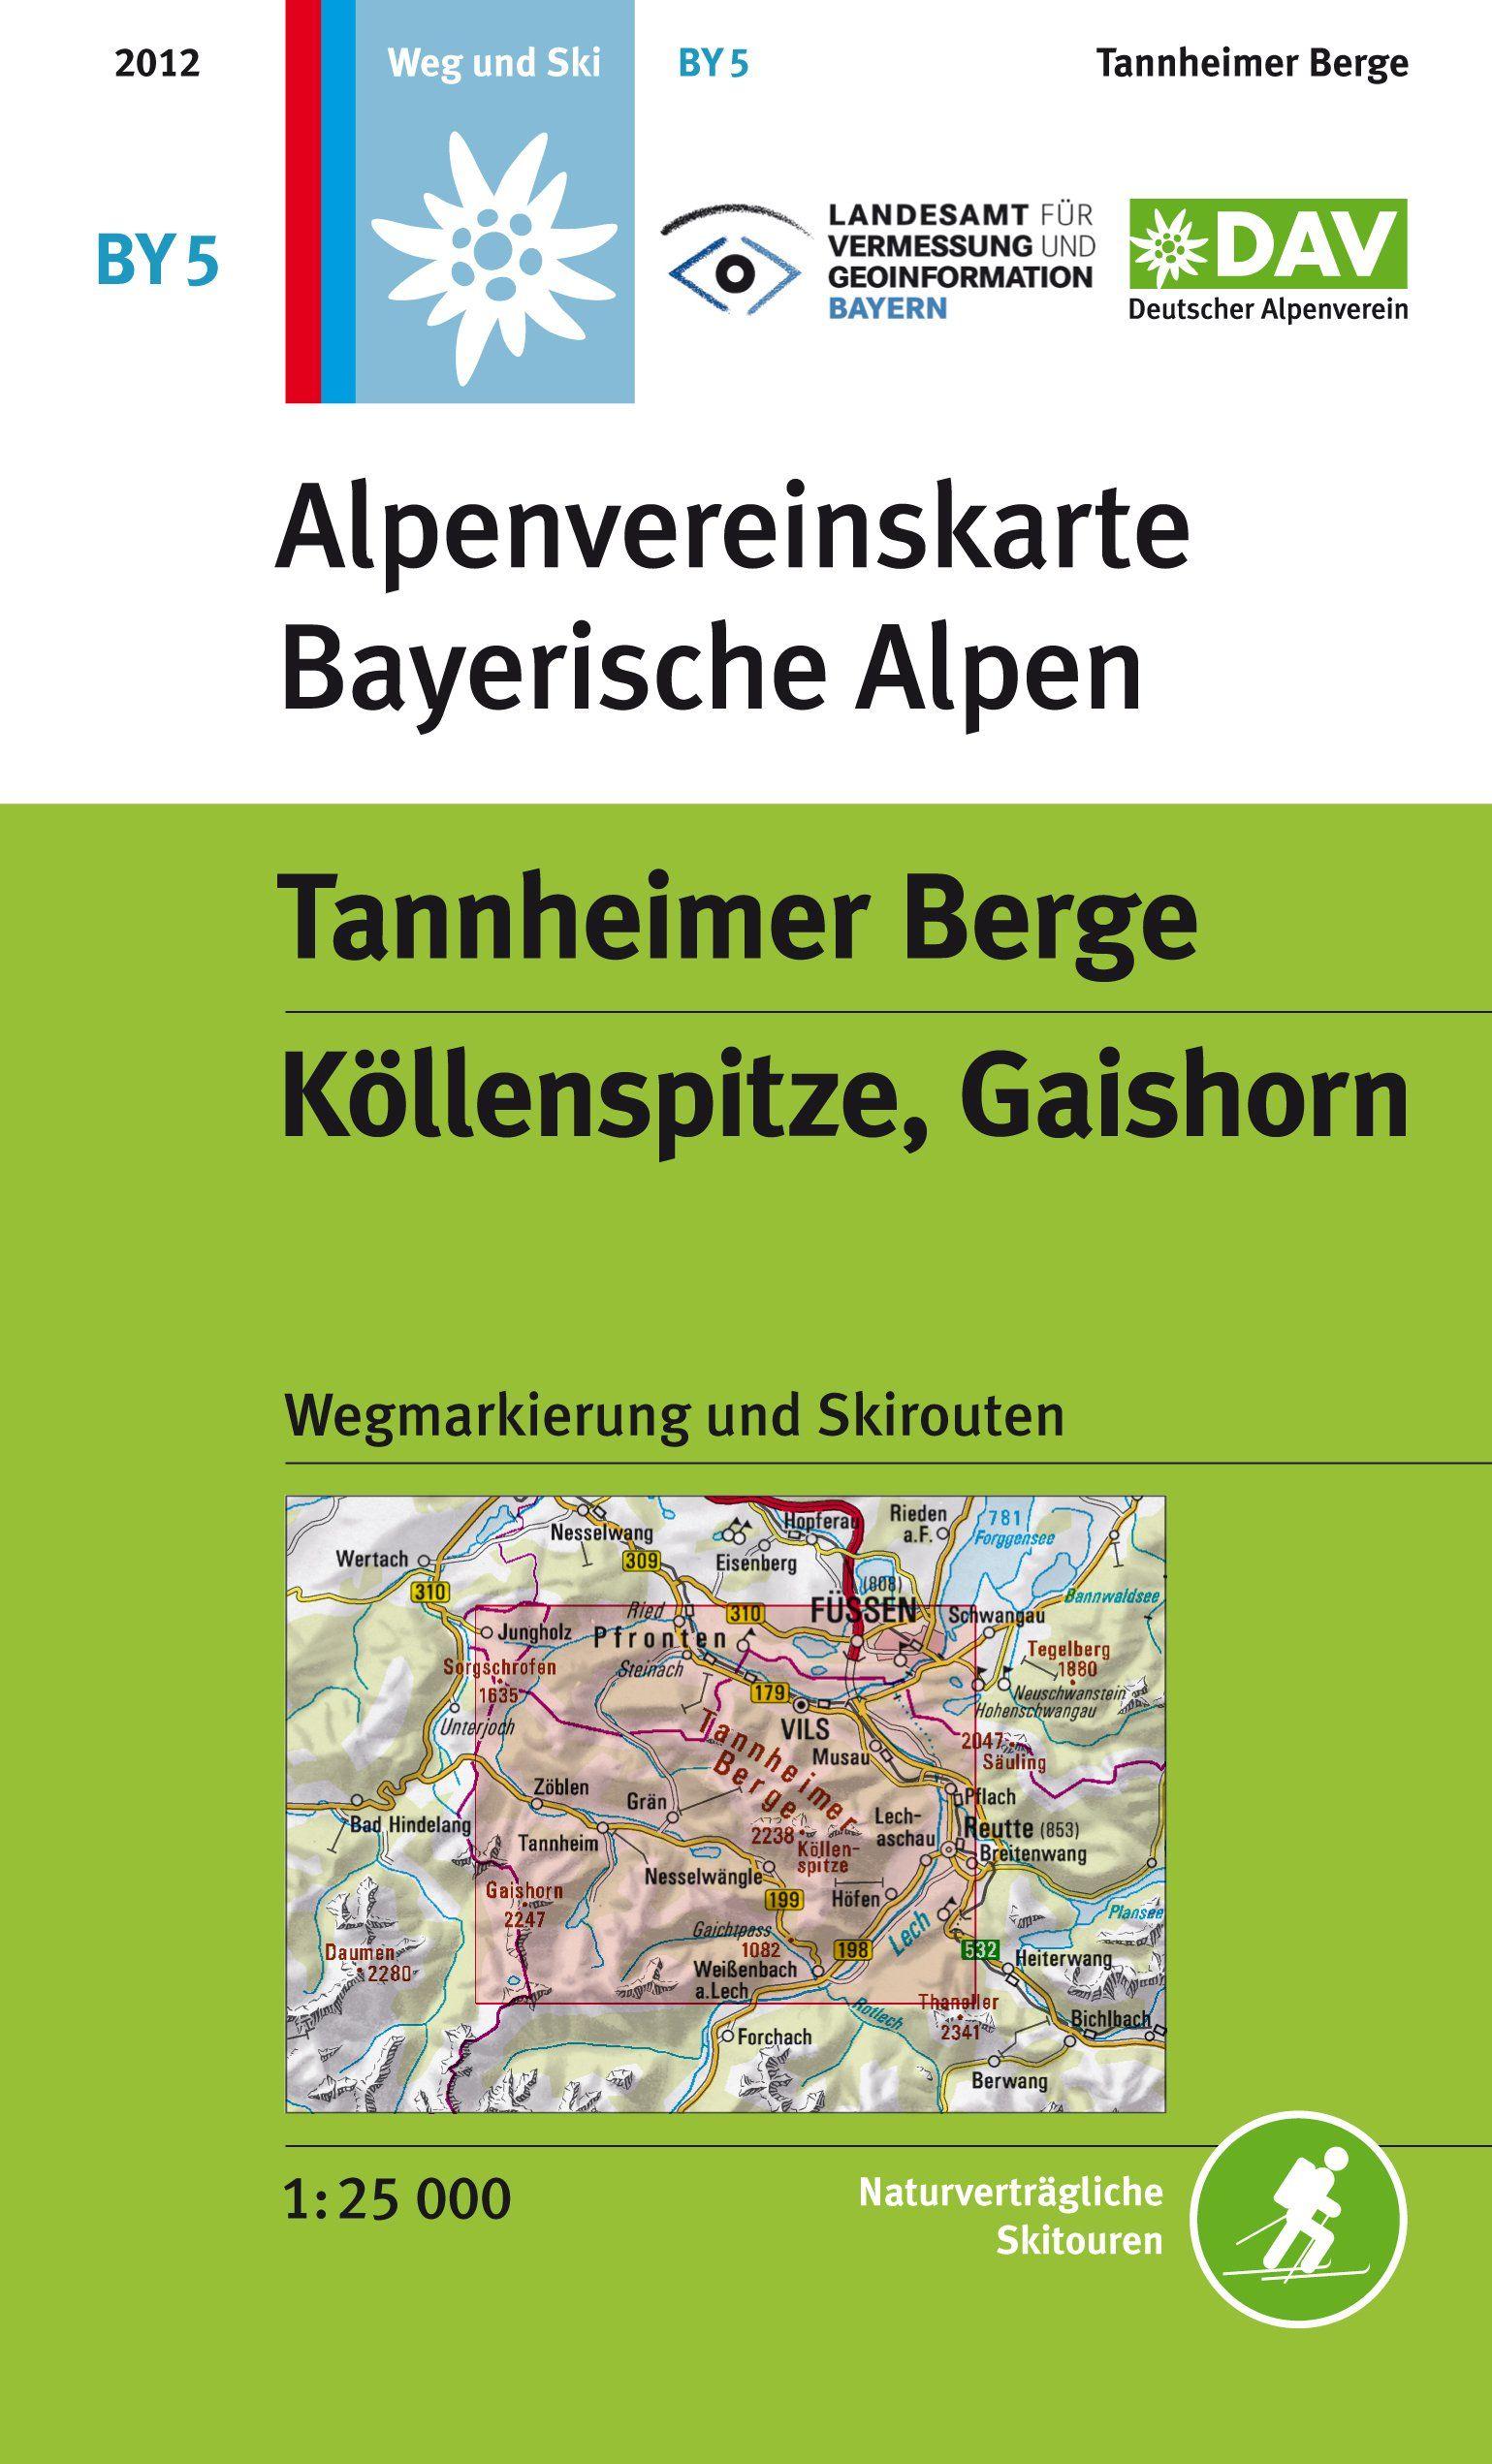 Tannheimer Berge Kollenspitze Gaishorn Topographische Karte Mit